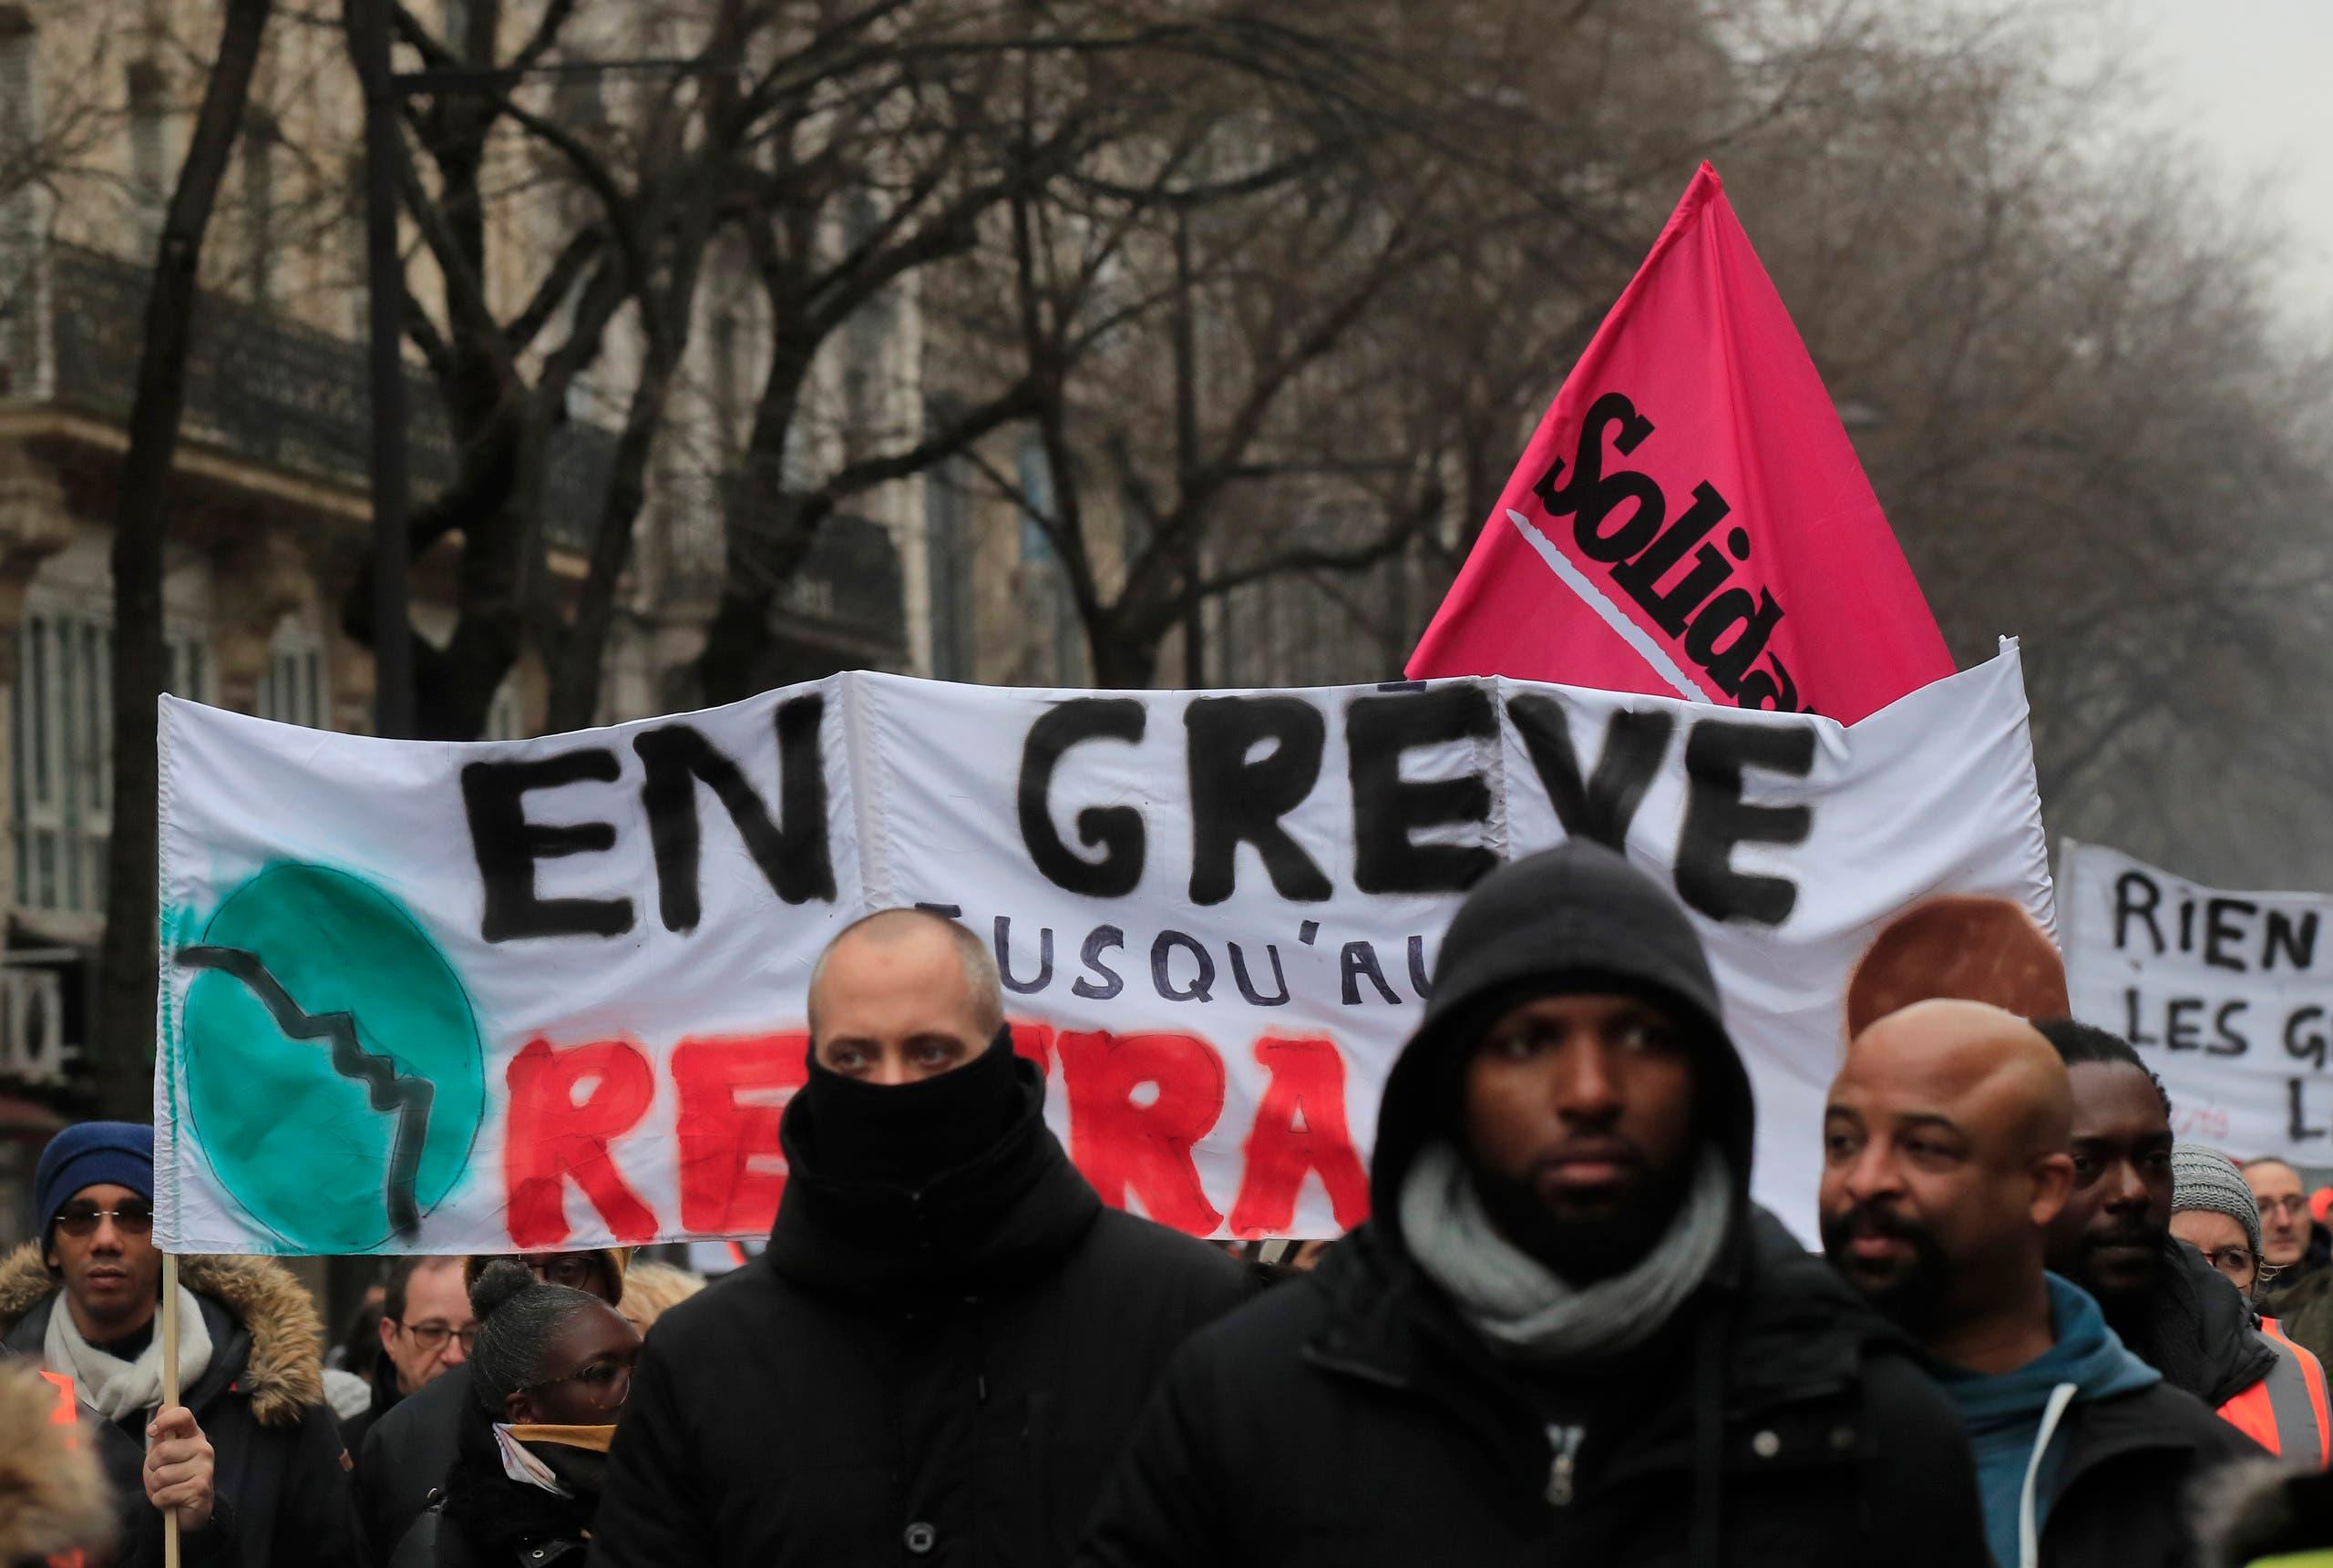 من احتجاجات باريس على نظام التقاعد